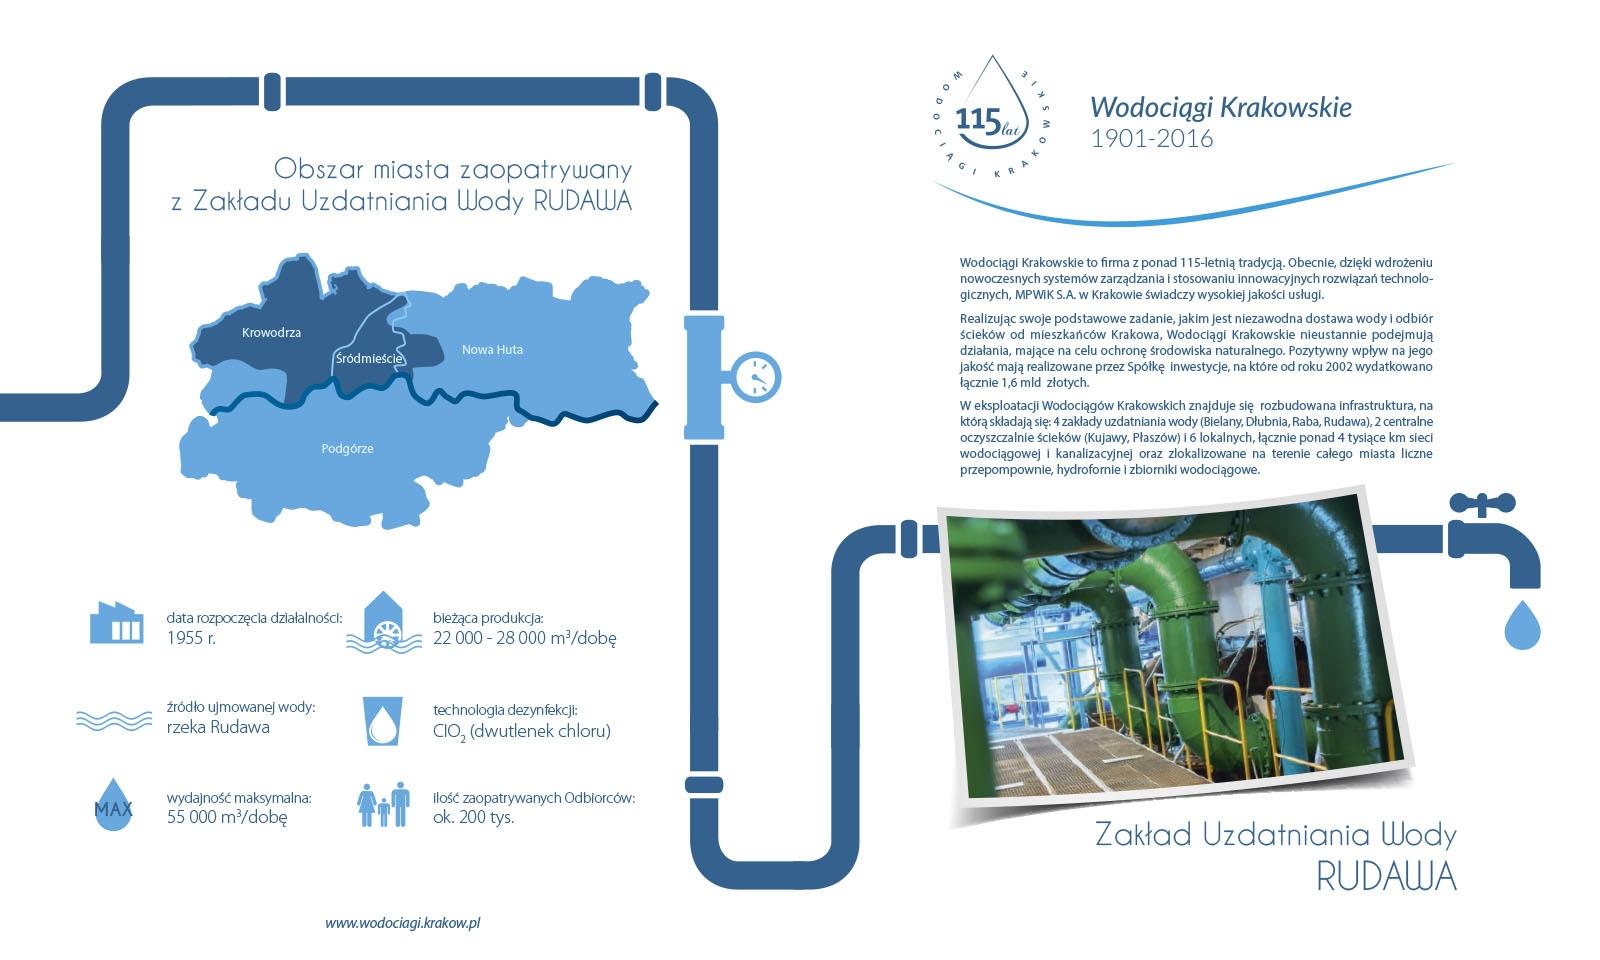 Tytuł: Schemat technologiczno-organizacyjny ZUW Rudawa - poszczególne strony dostępne tylko po kliknieciu na link